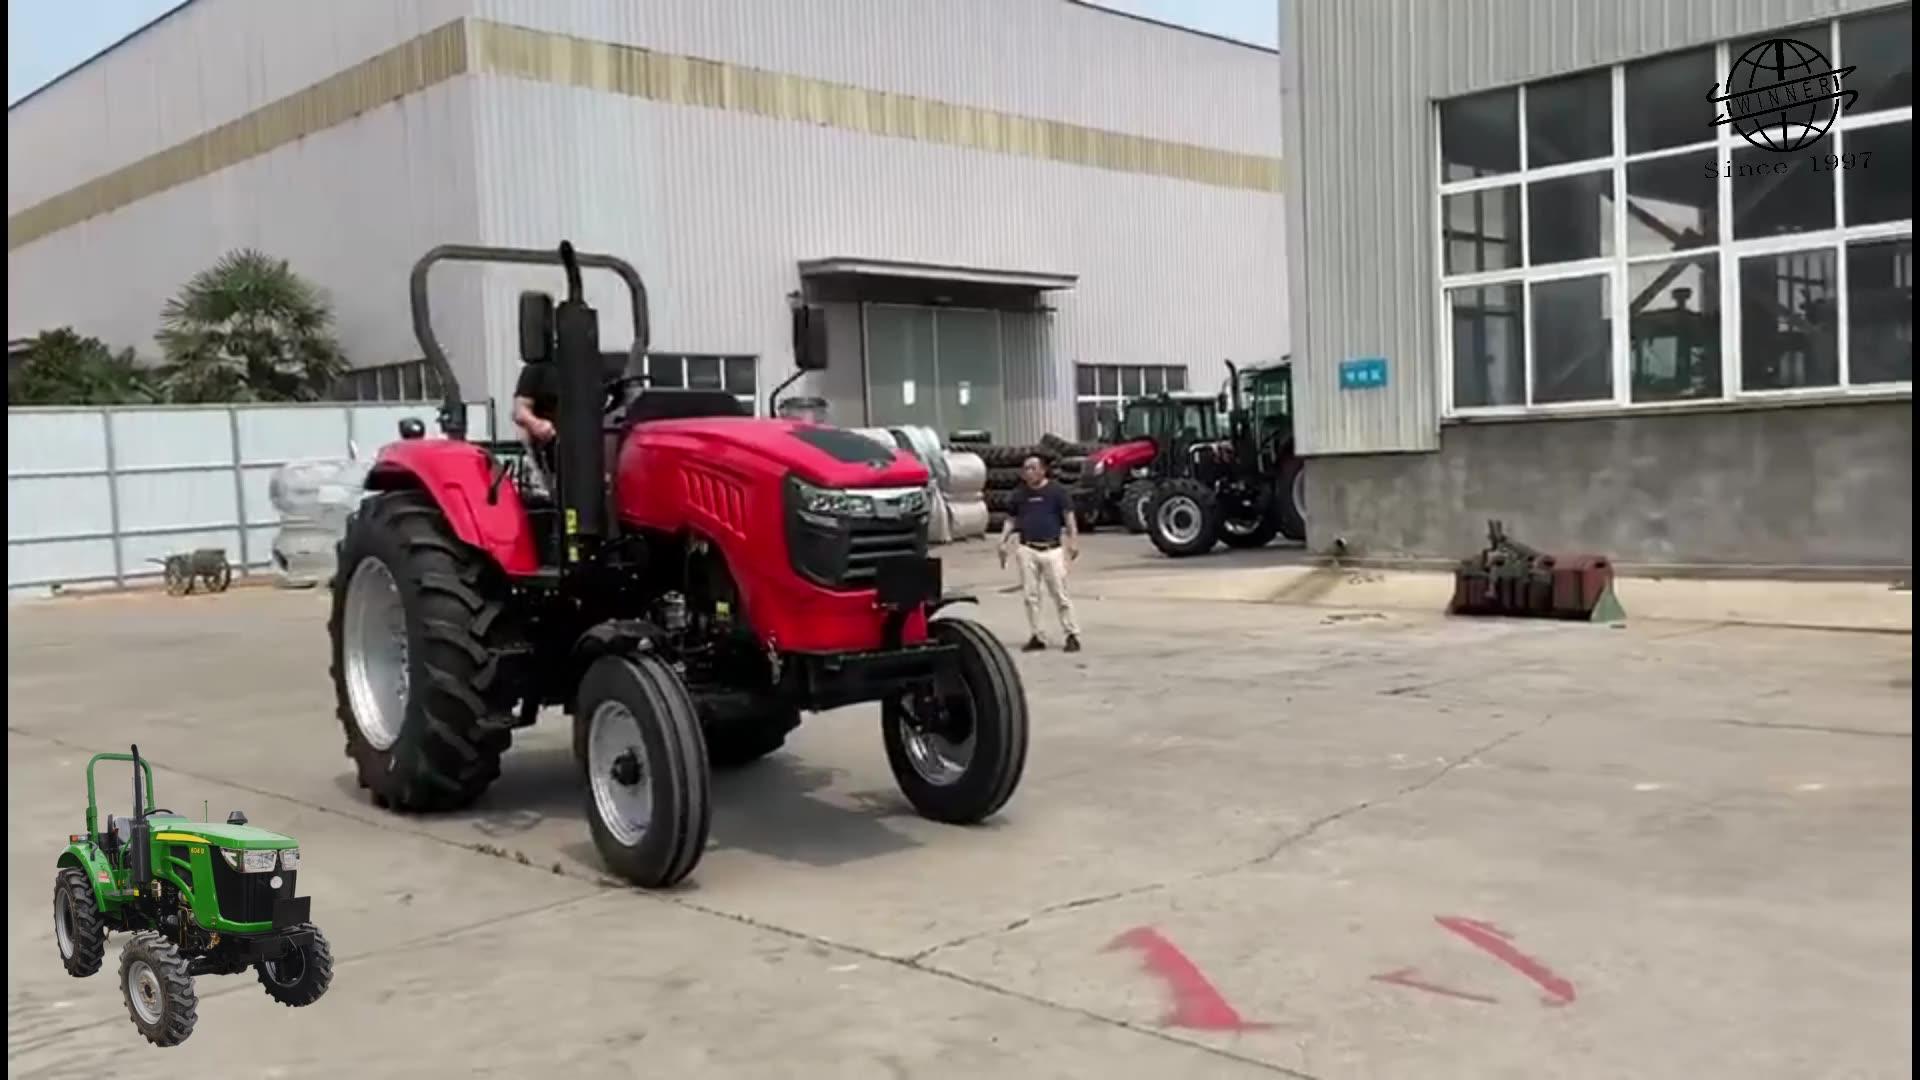 Горячая продажа и высокое качество 30 л.с., 40 л.с., 50 л.с. новое сельскохозяйственное оборудование и сельскохозяйственные тракторы